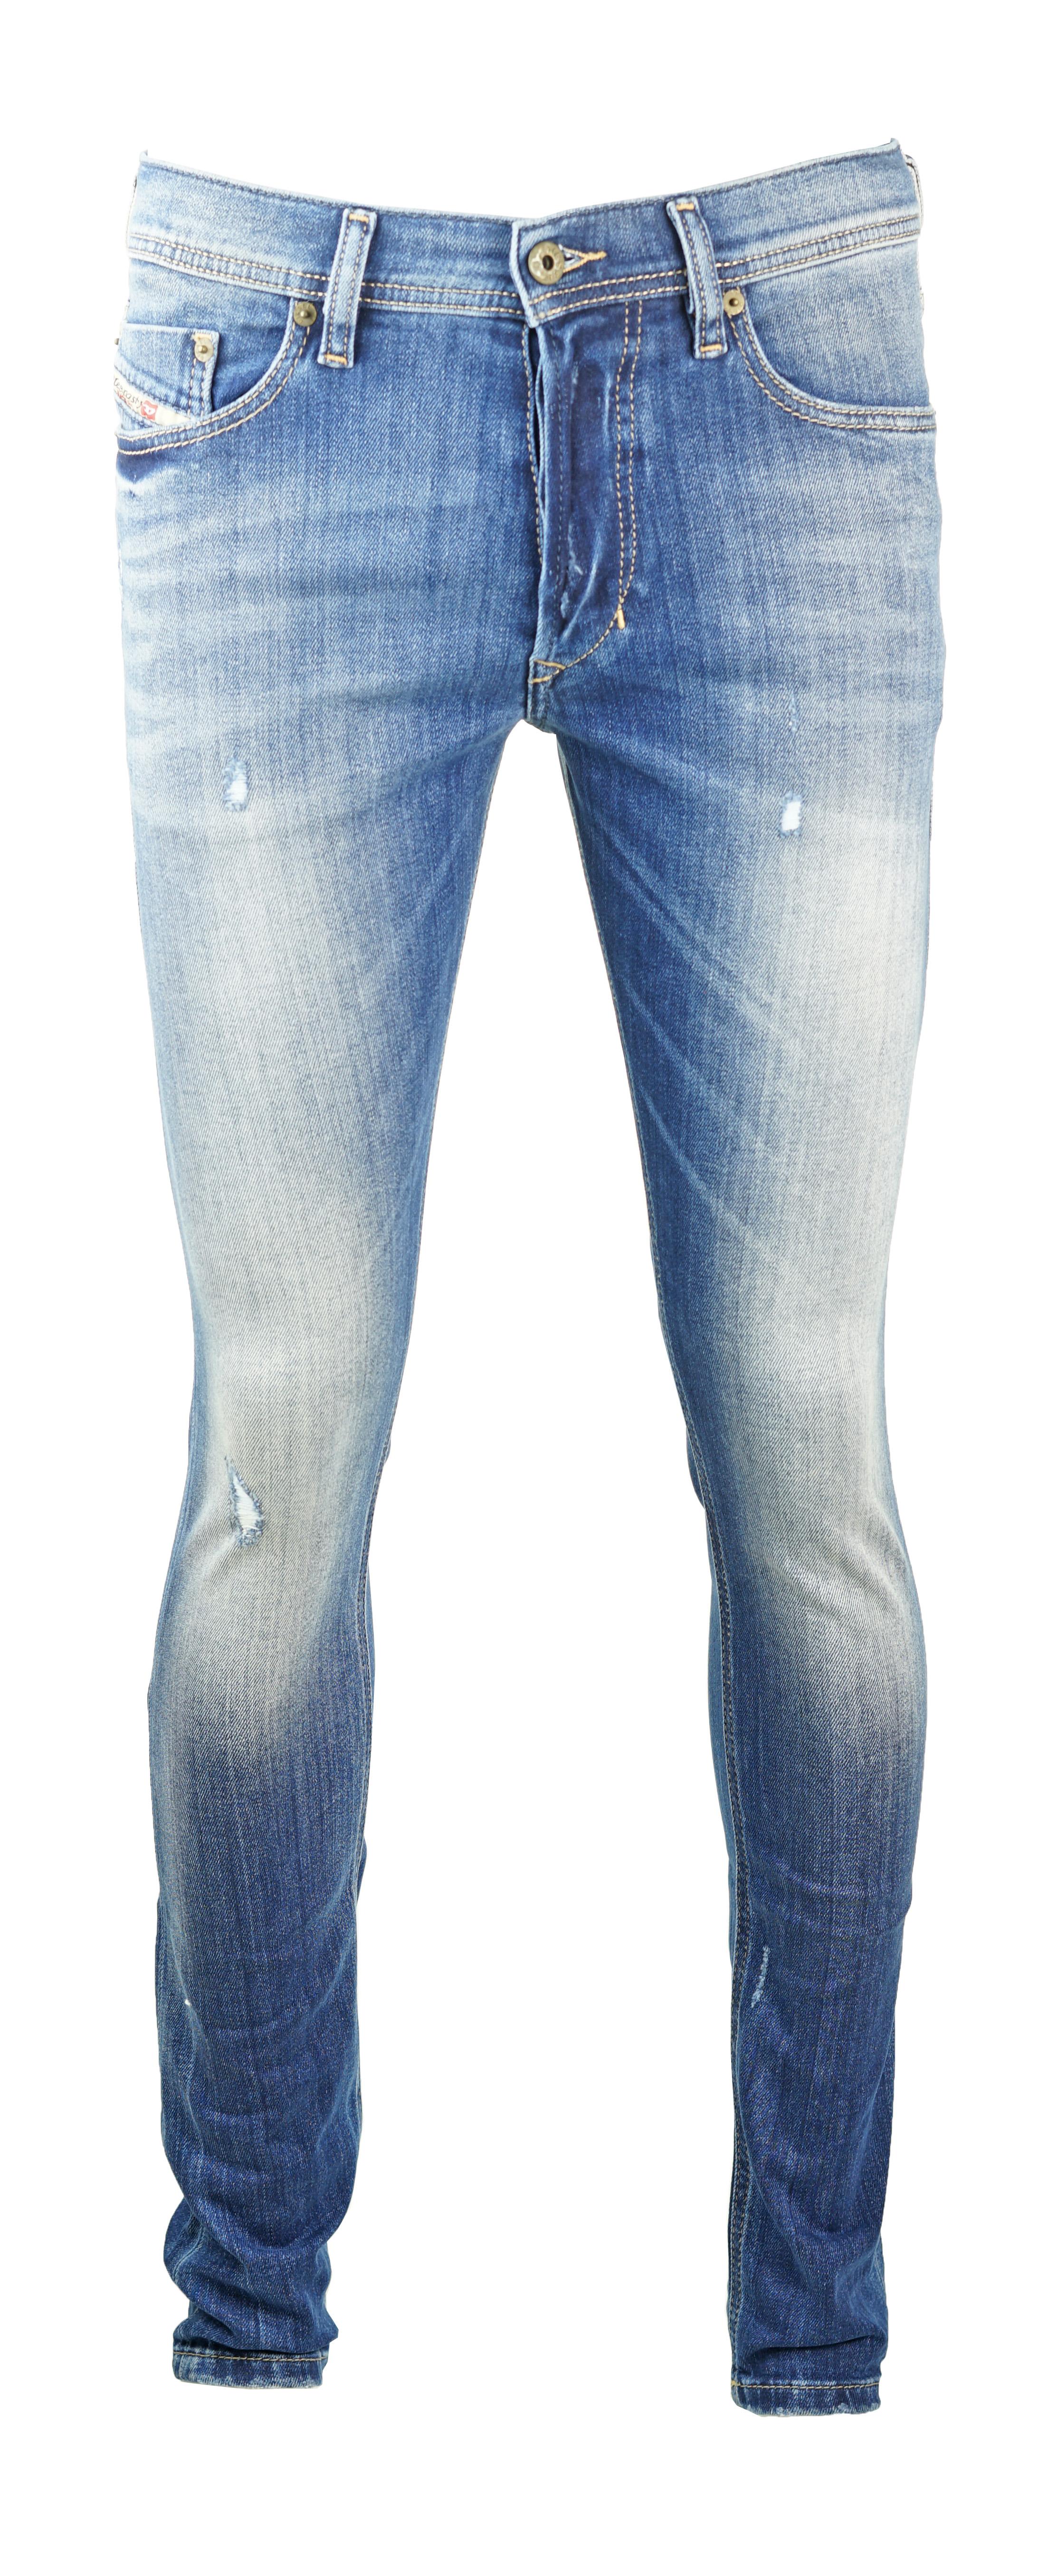 29309af9 Diesel Tepphar 084GG Jeans | eBay